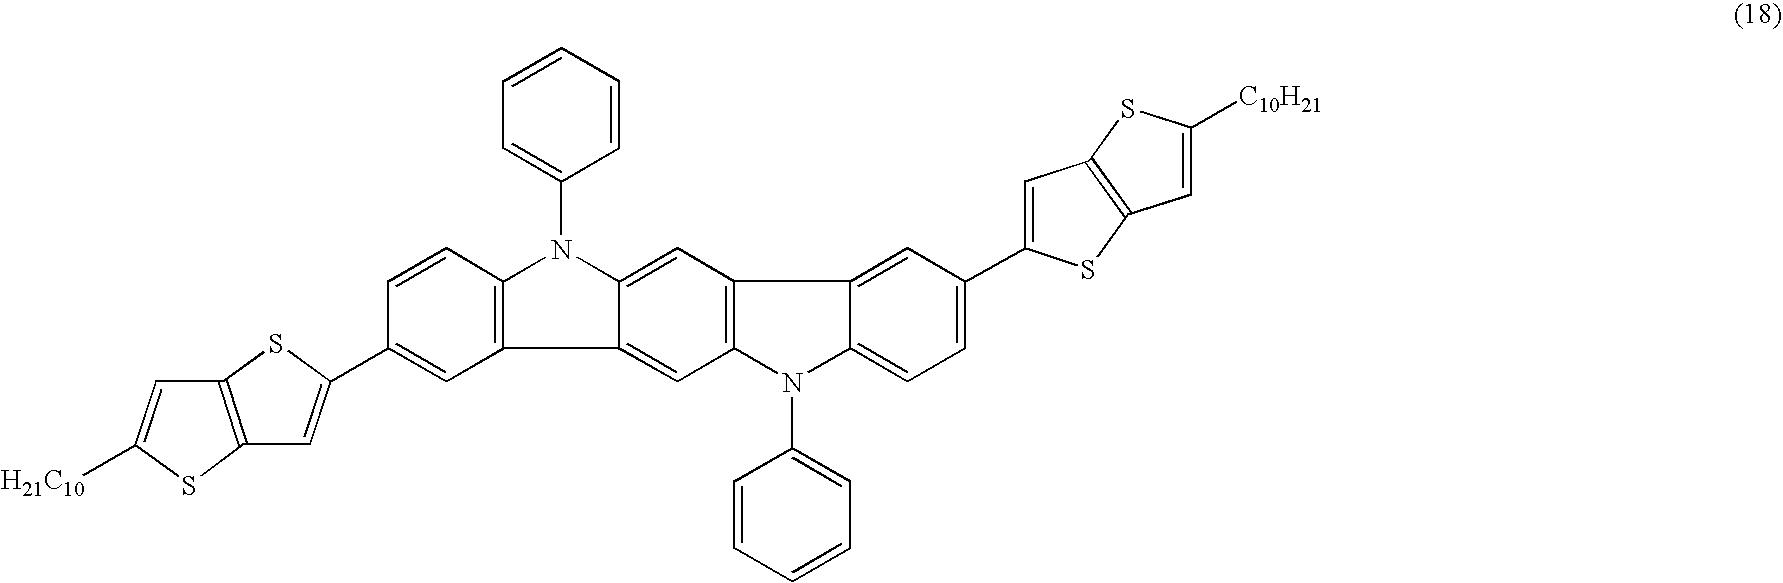 Figure US07456424-20081125-C00007